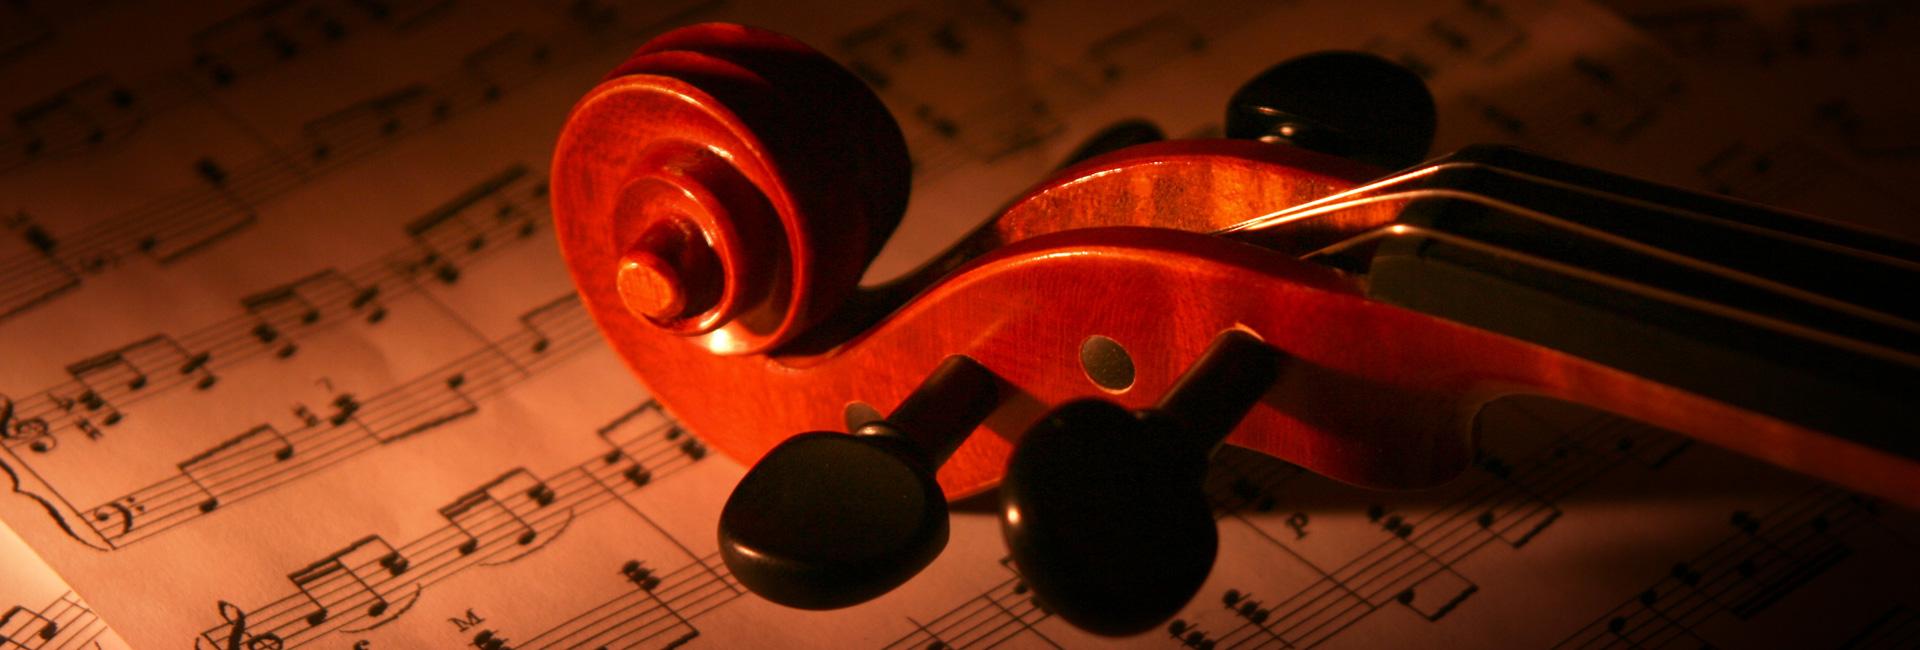 slideshow musica